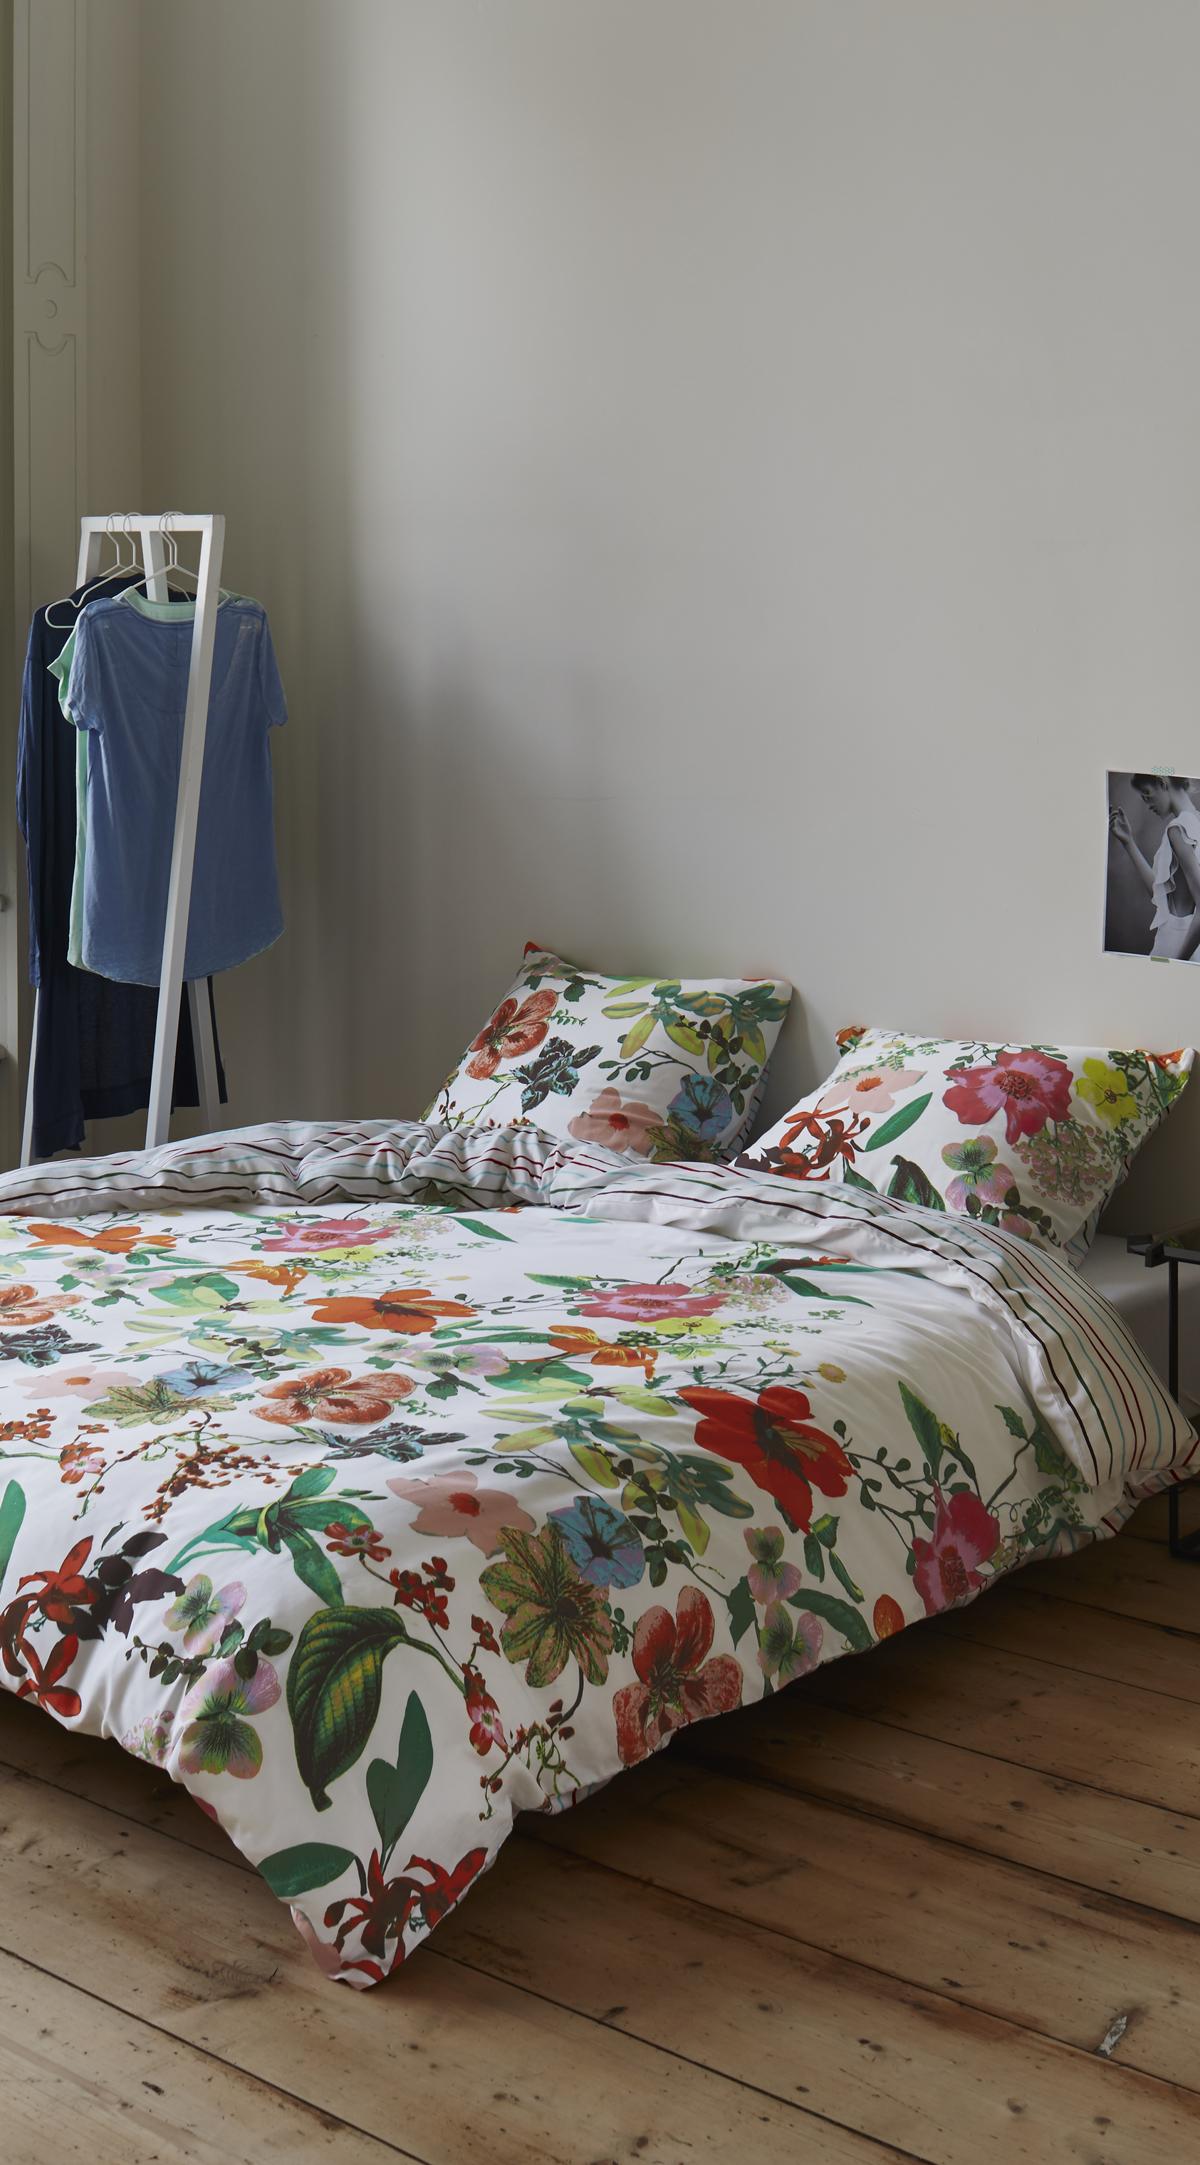 Bunte Bettwäsche Bettwäsche Für Kinder Was Kommt Am Besten An Wohnungs